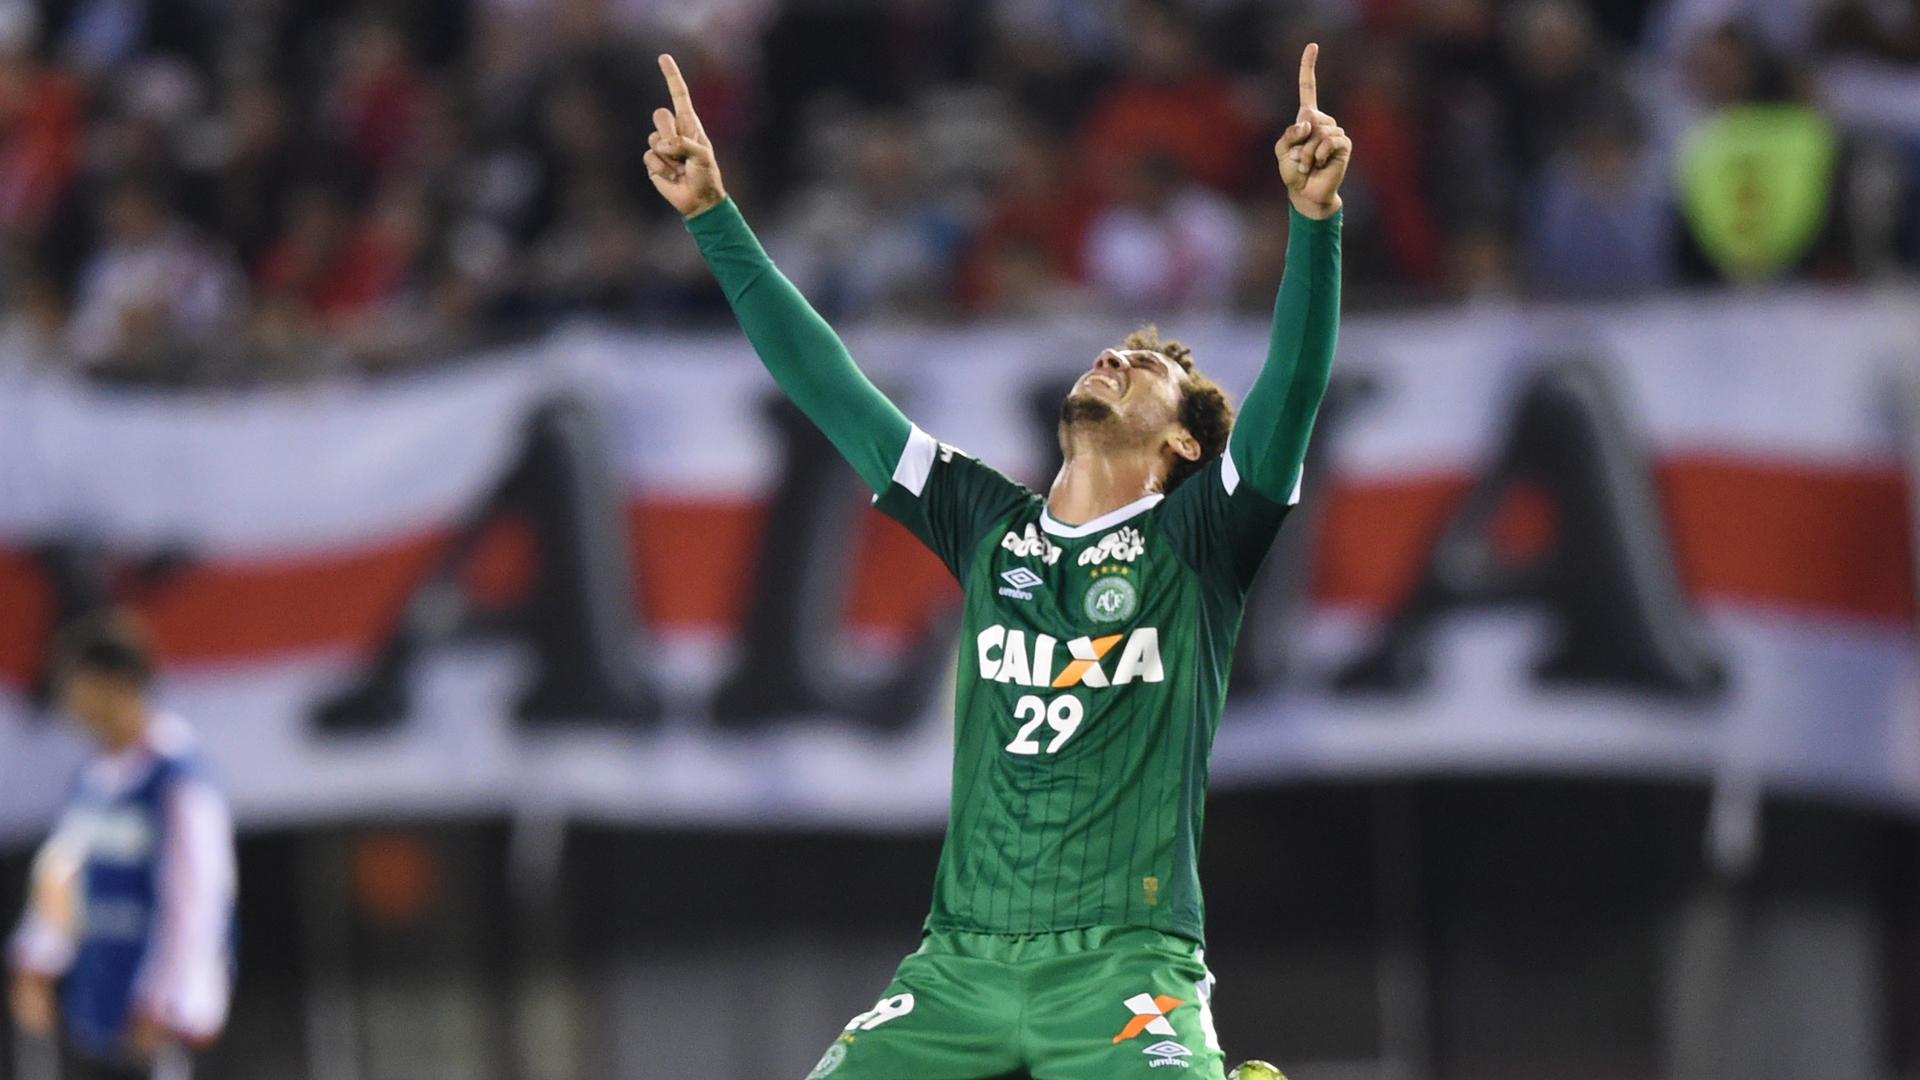 Sobreviviente del equipo podría volver a jugar al fútbol — Chapecoense